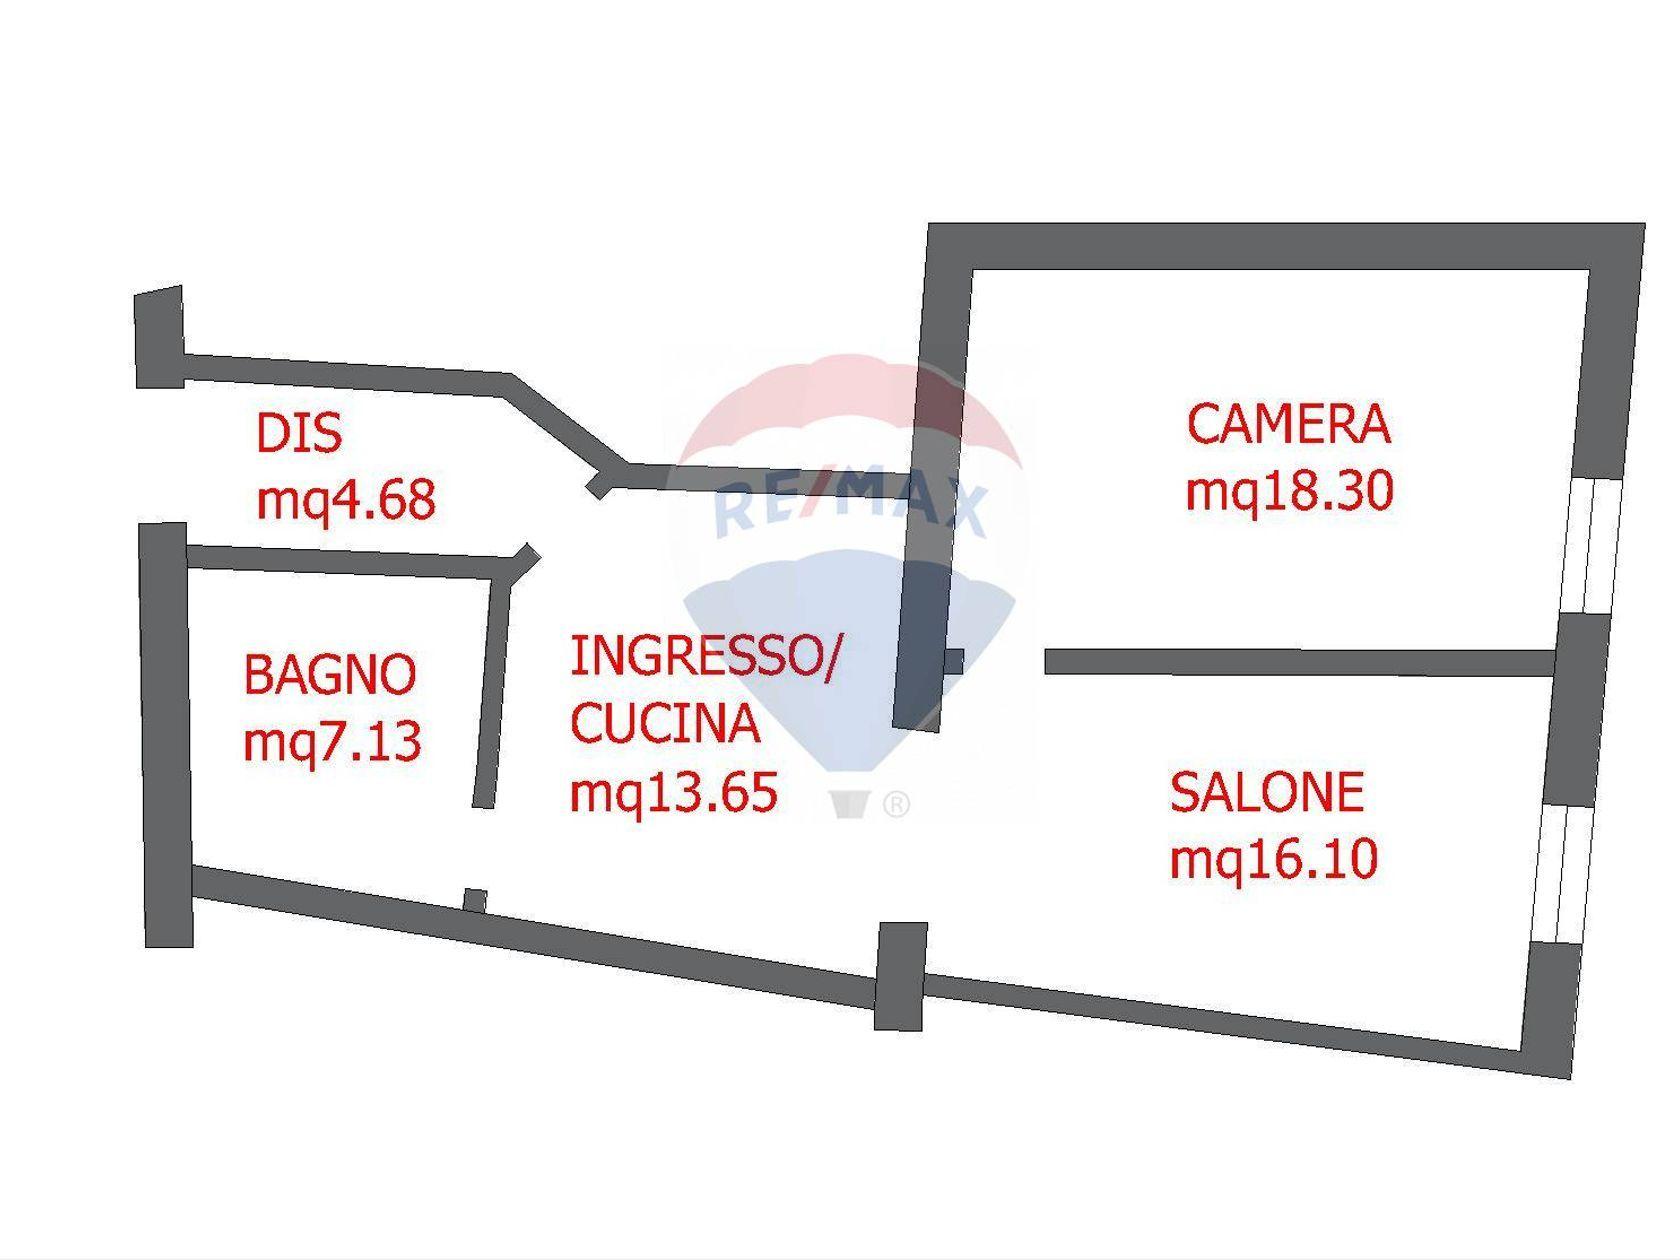 Appartamento Villanova-Castello, Cagliari, CA Vendita - Planimetria 1